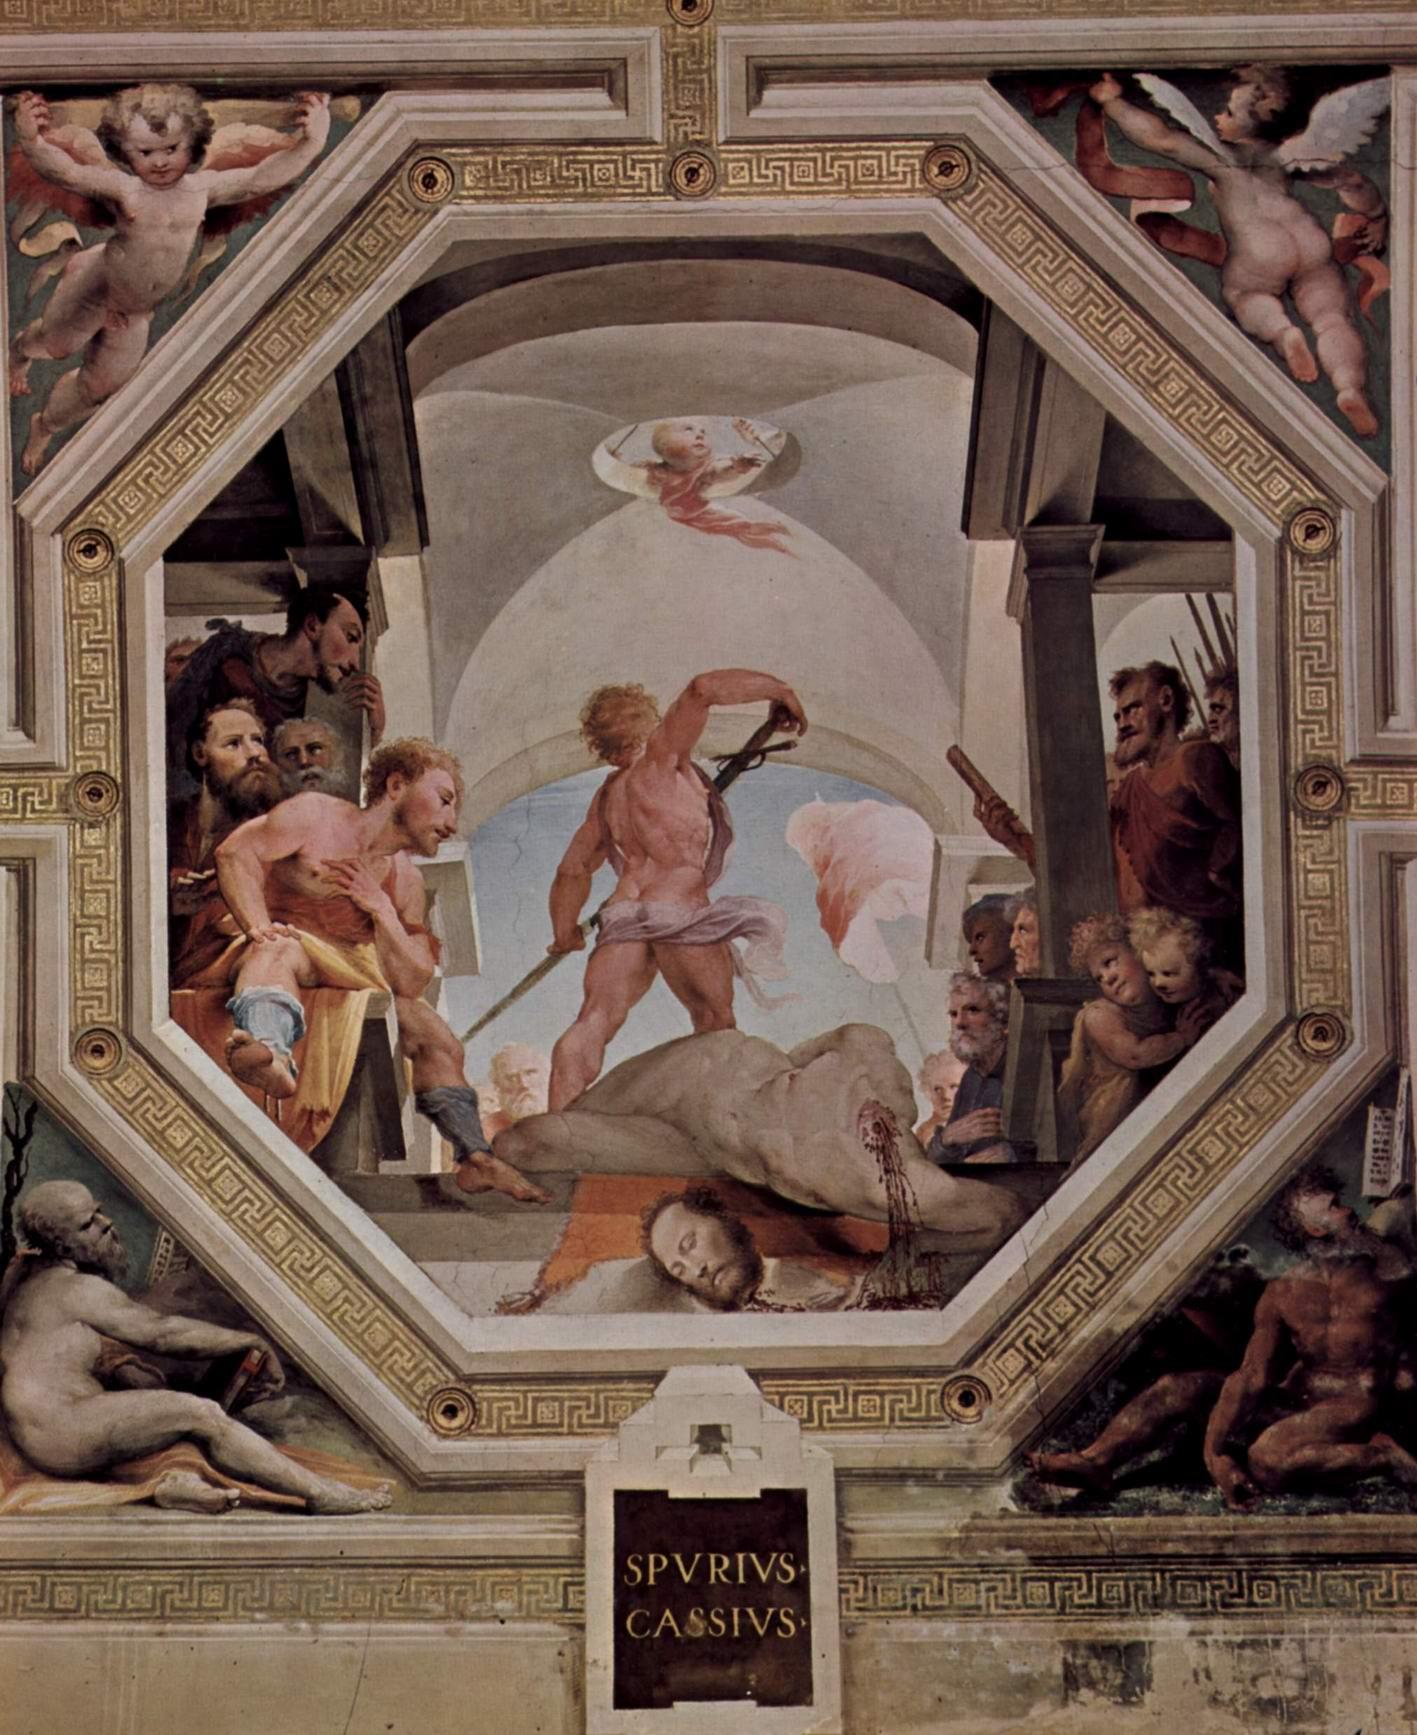 Аллегорический цикл фресок (Политические добродетели) из Палаццо Пубблико в Сиене. Обезглавливание Спурия Кассия, Беккафуми Доменико